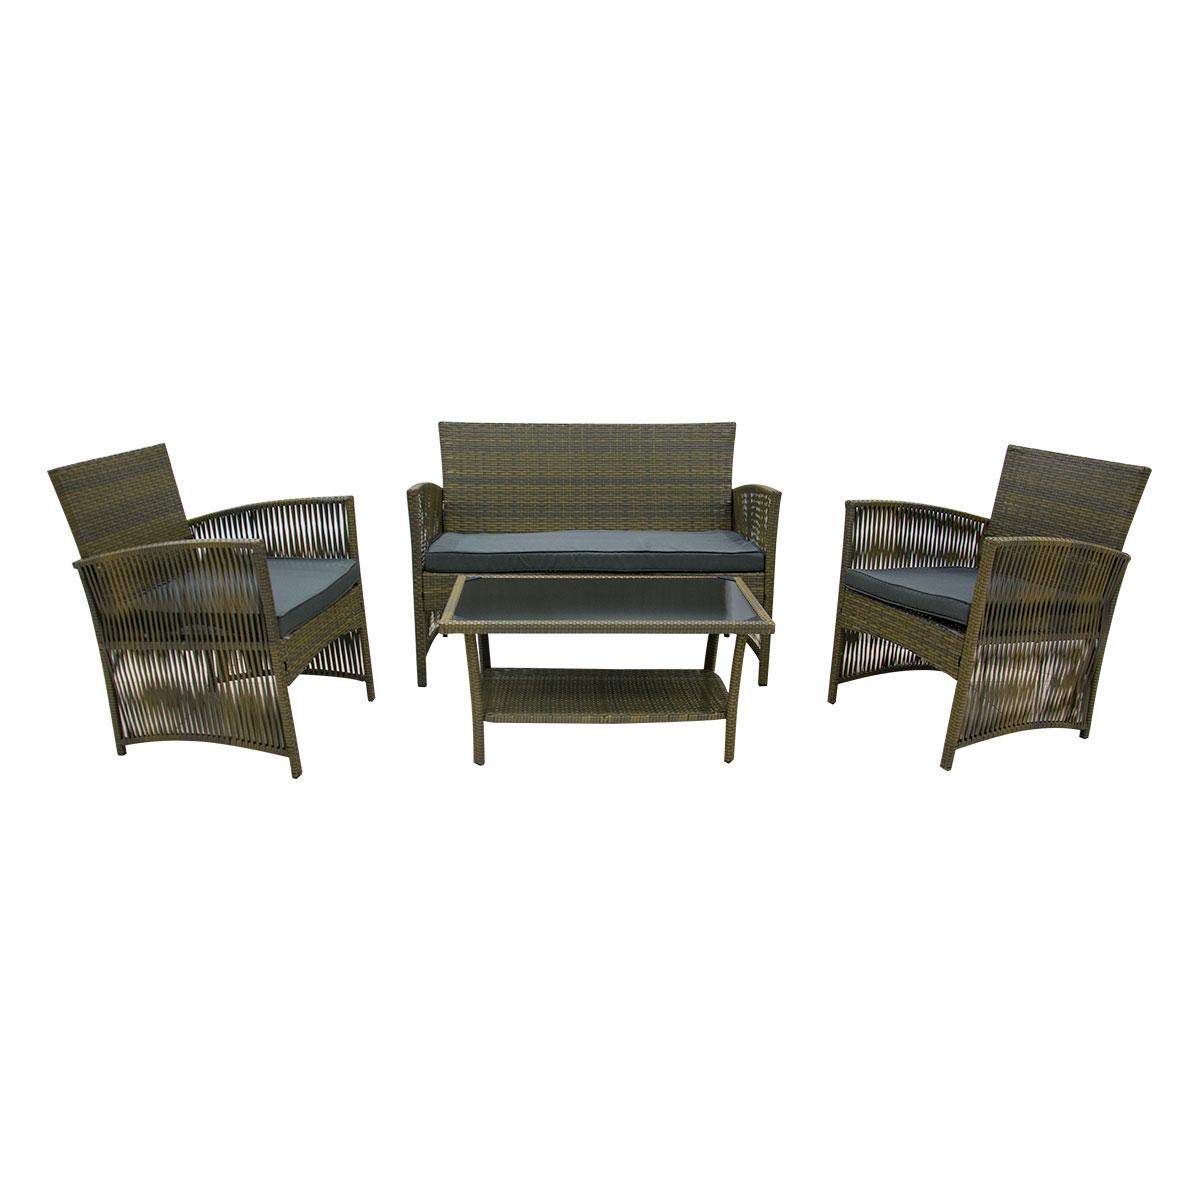 طاولة  حديقة  مع  3  كرسي  خيزران بني غامق DB-16 رقم 210058